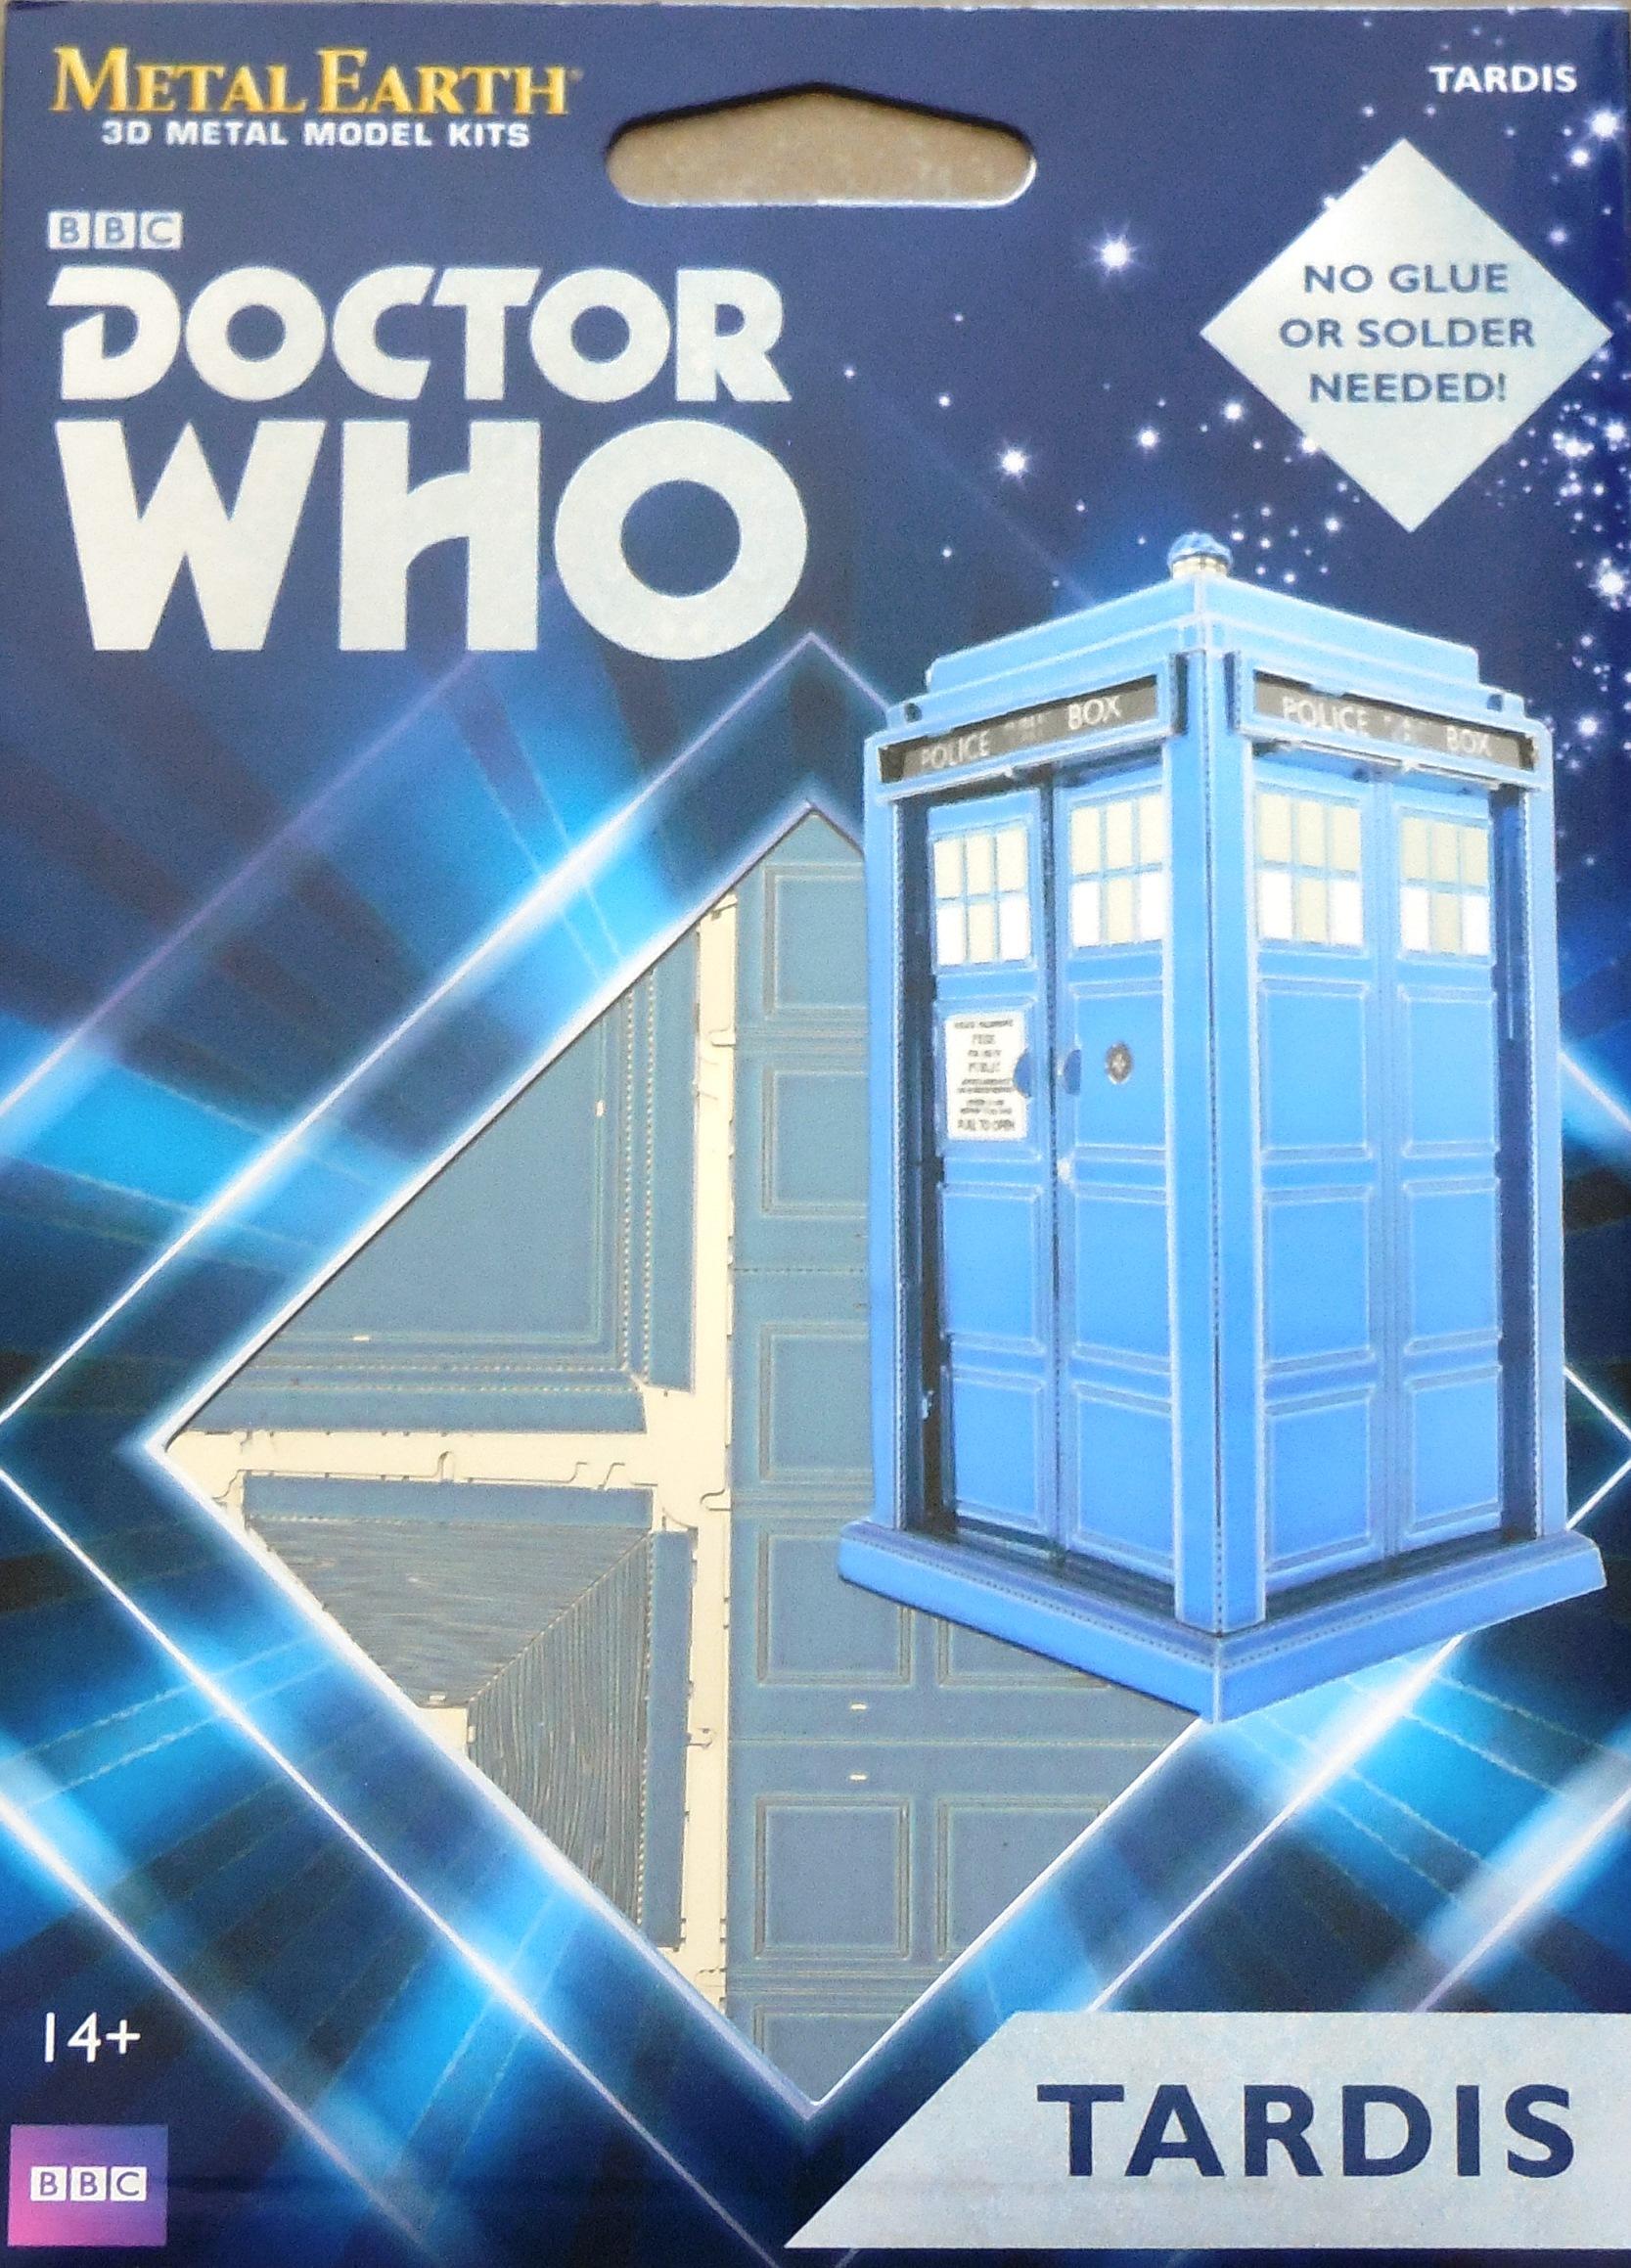 Metal Earth Doctor Who Tardis Speelgoed en spellen Modellen